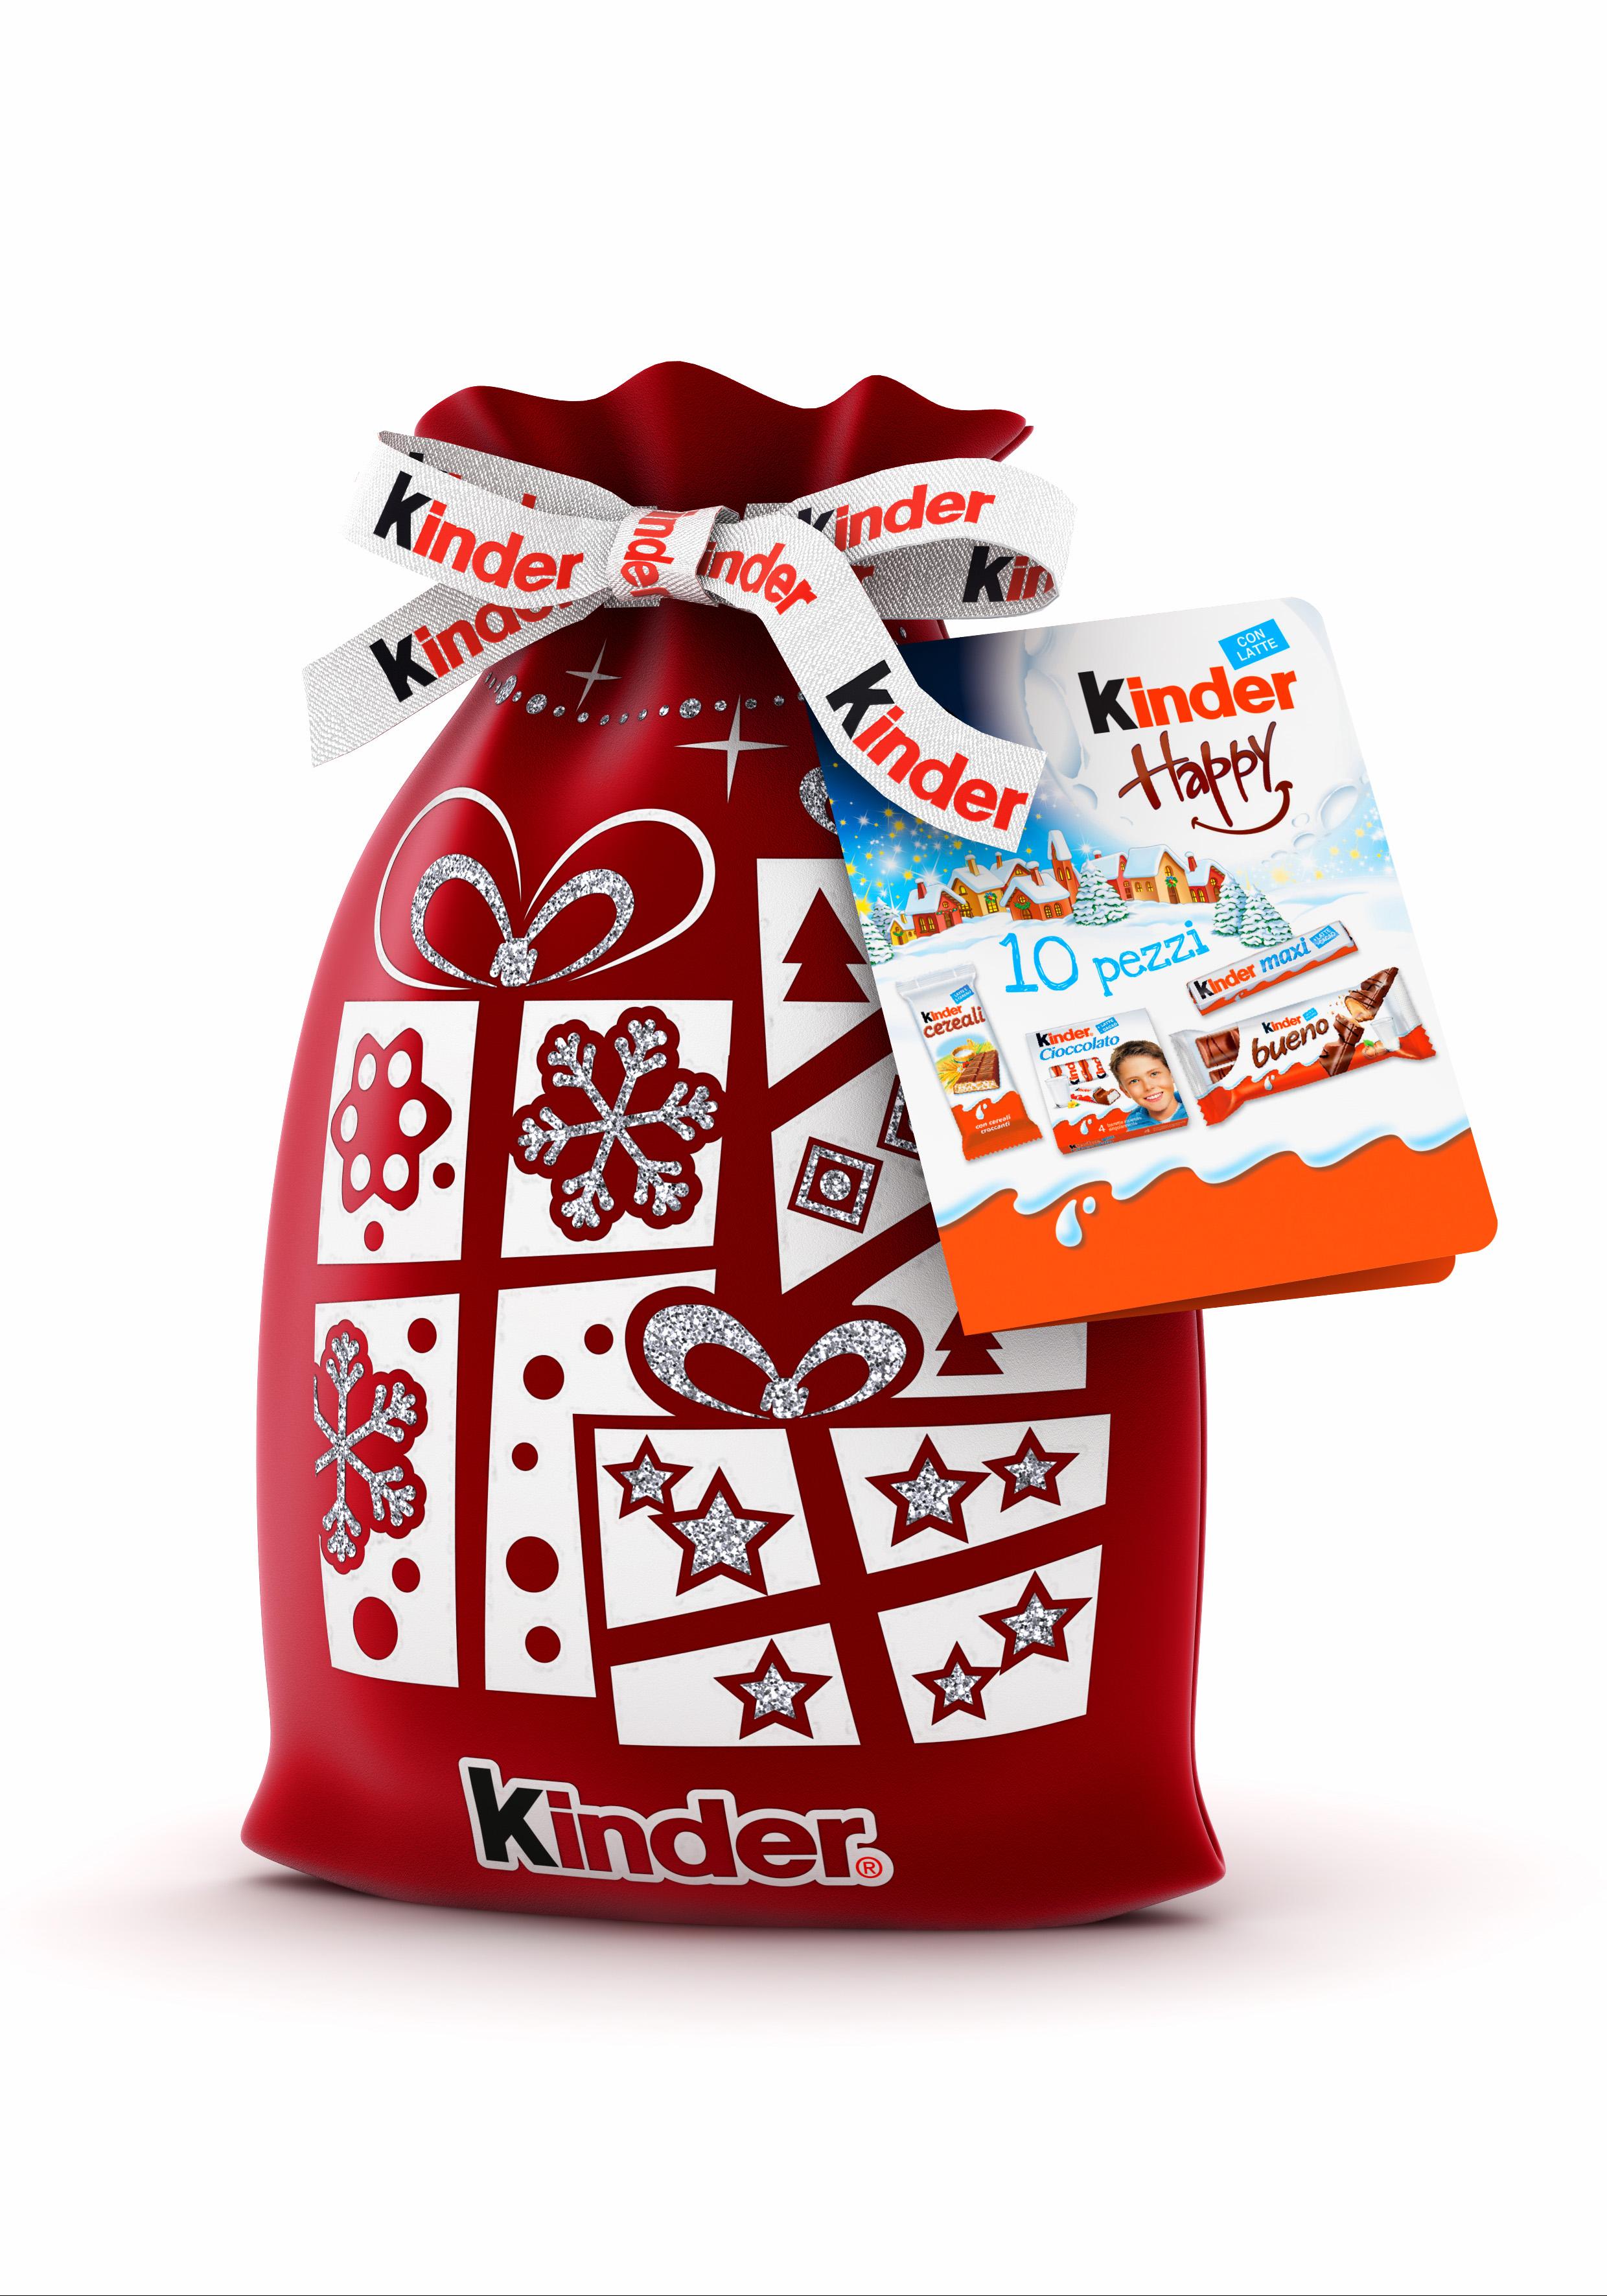 Kinder Calendario Avvento 2020.Con Kinder Il Natale E Piu Bello Mamma Al Top